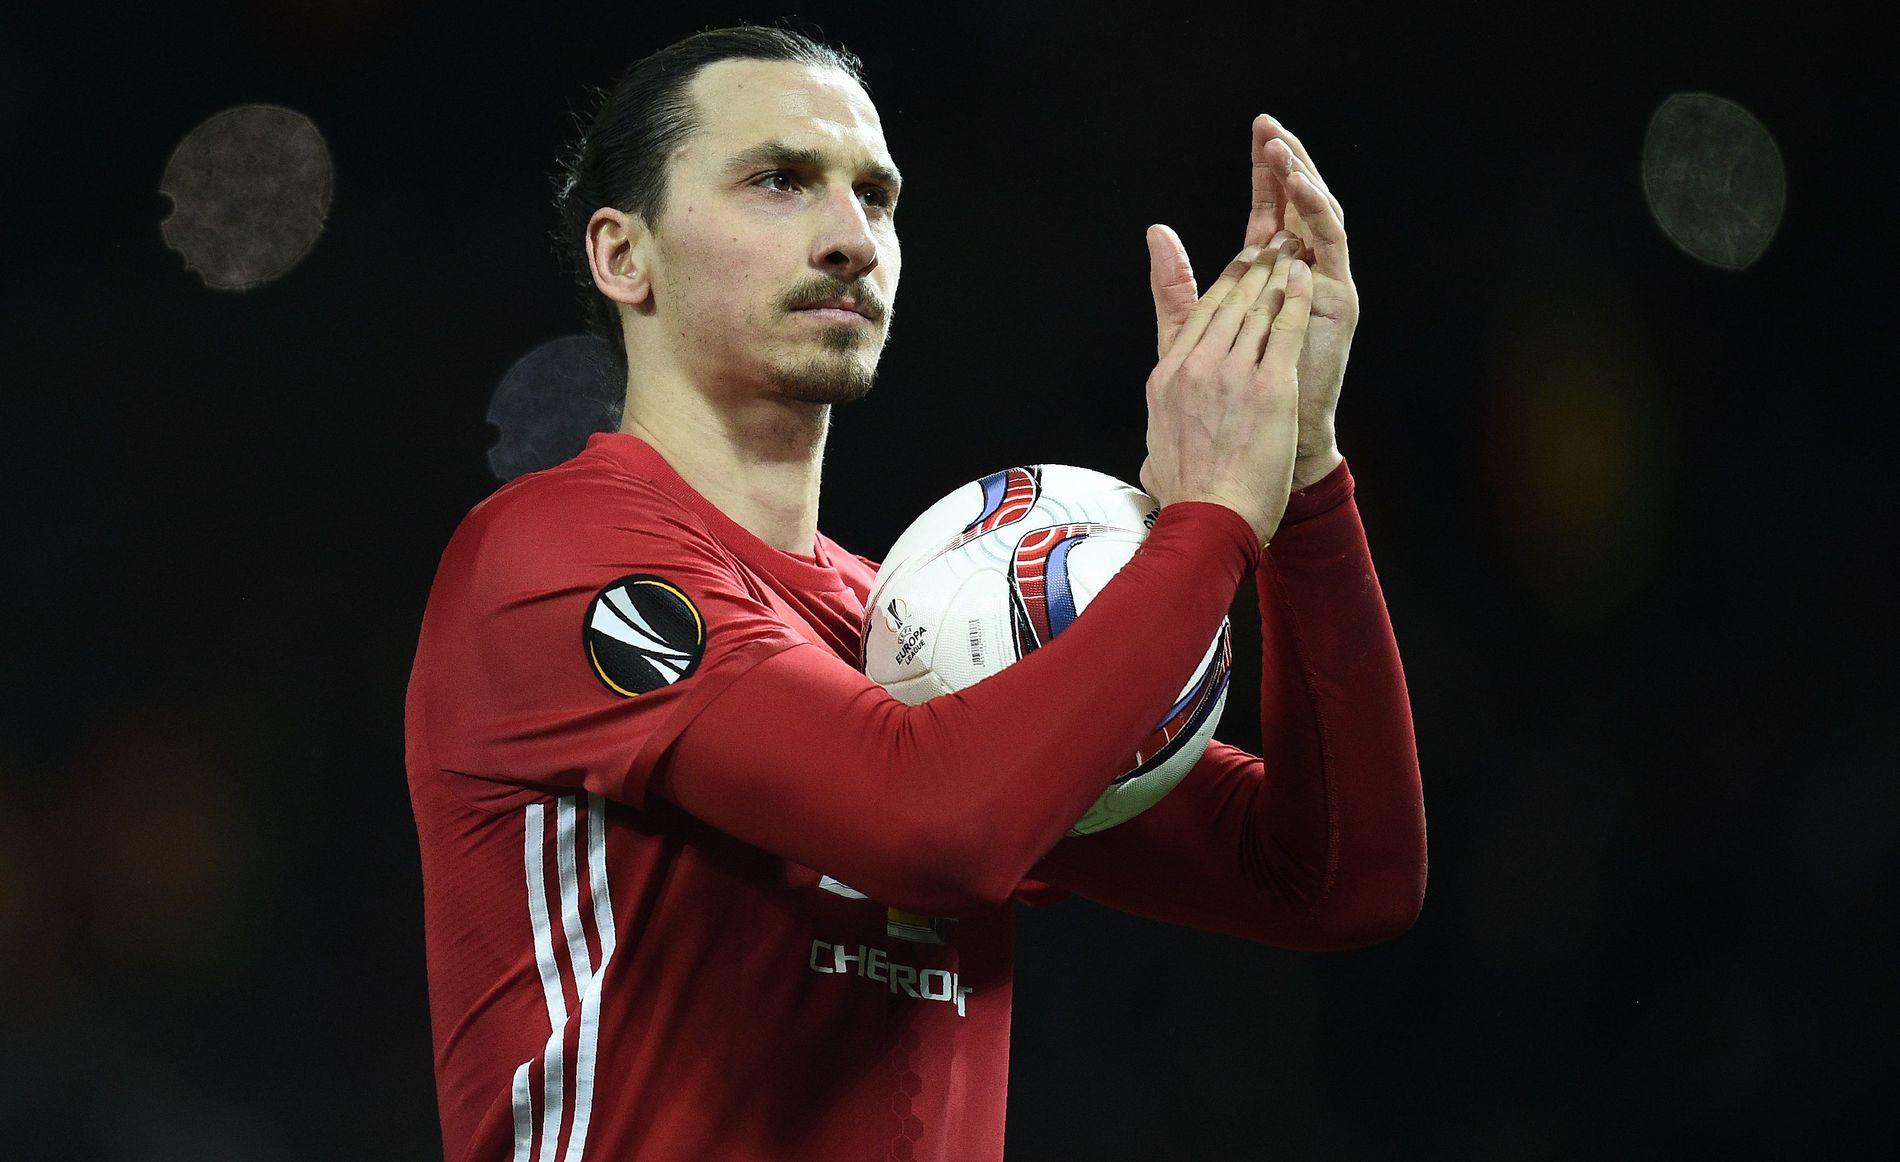 MÅLKONGE: Zlatan Ibrahimovic er 35 år, men bare fortsetter å score mål. Her tar han med seg matchballen hjem etter hat trick mot Saint-Étienne i Europa League.